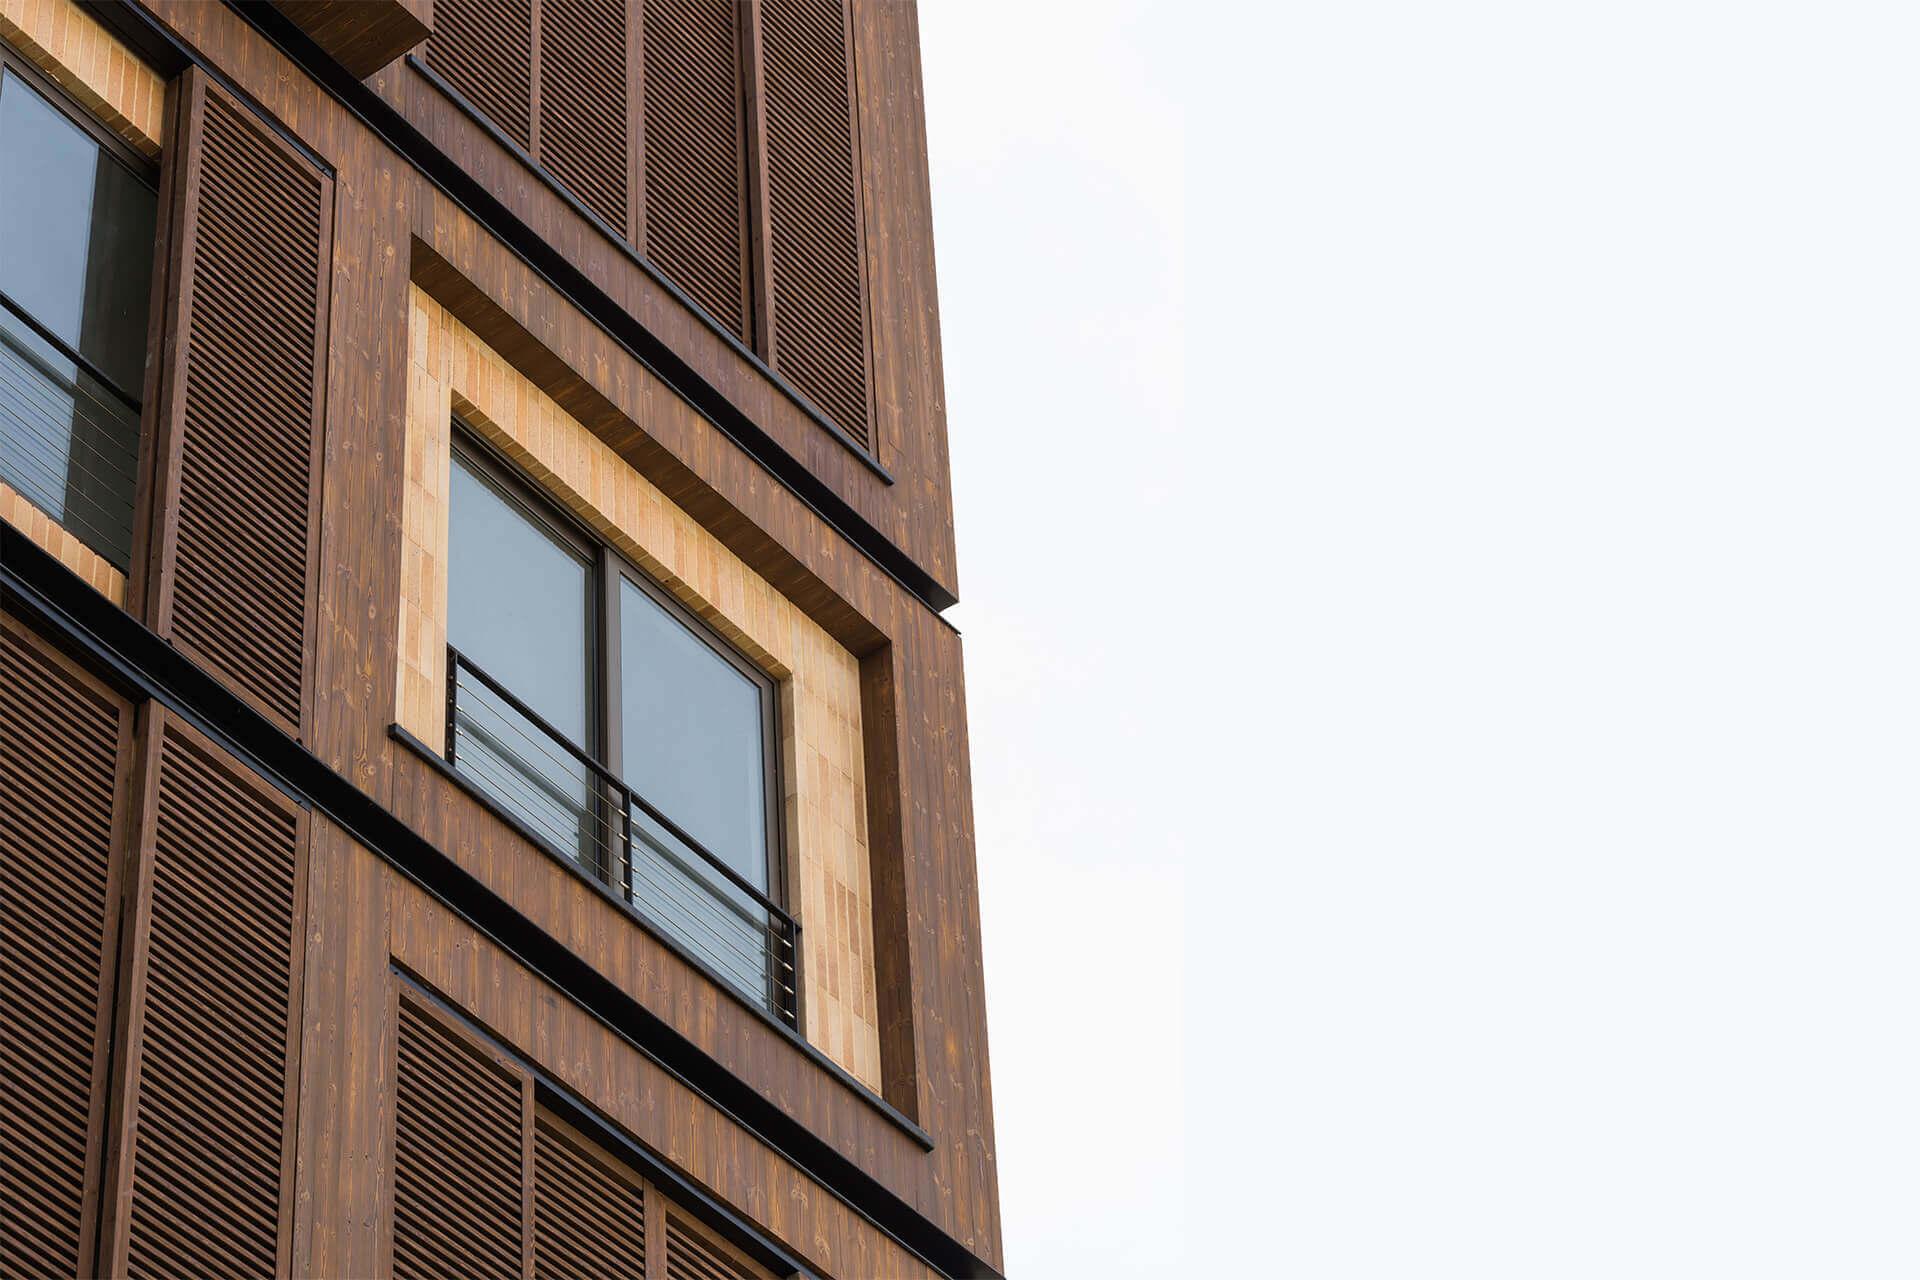 هدر کادرو عکاسی معماری و عکاسی ساختمان و استودیو عکاسی معماری